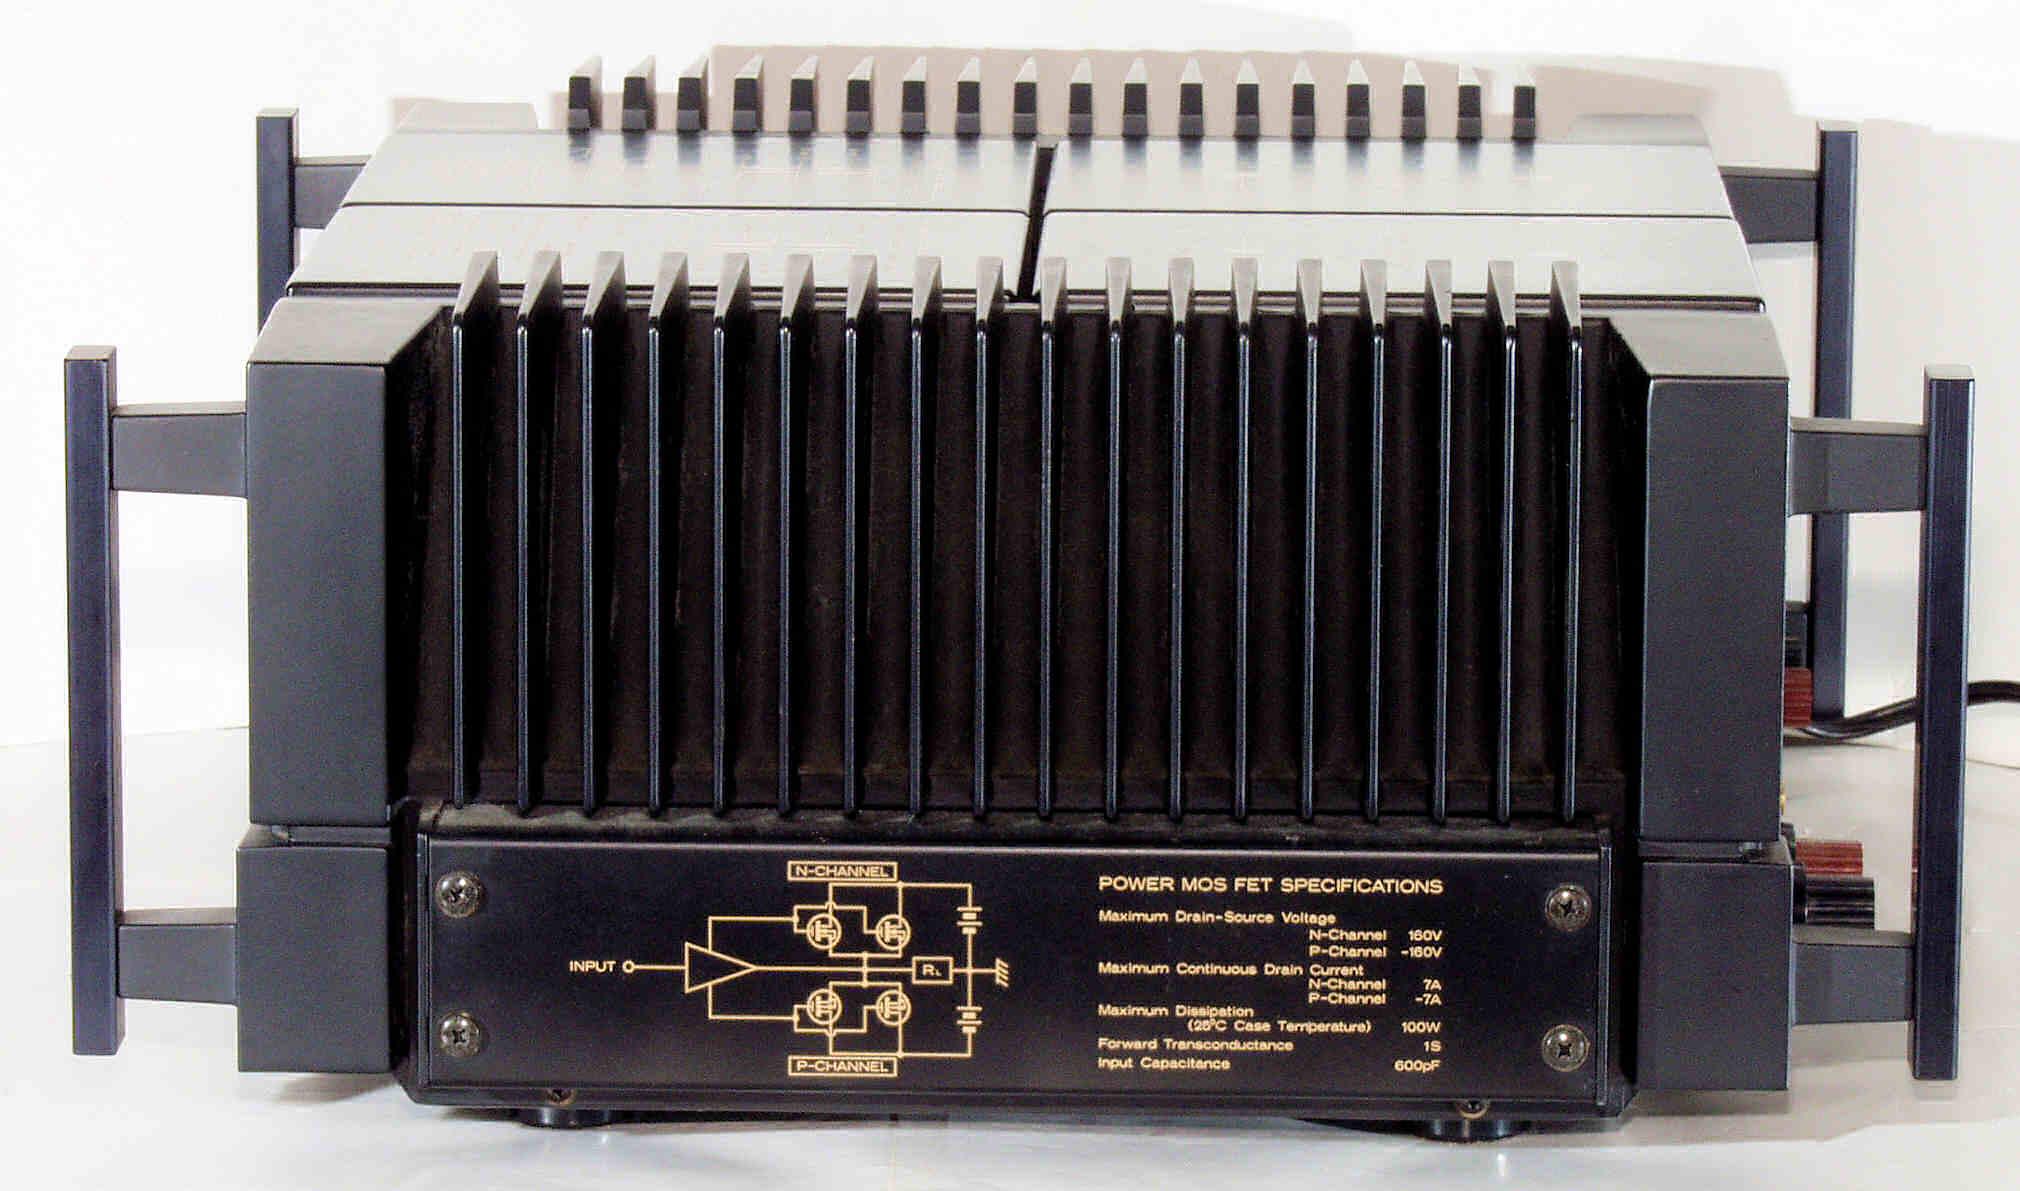 Armas de Arremesso 9500m-s3